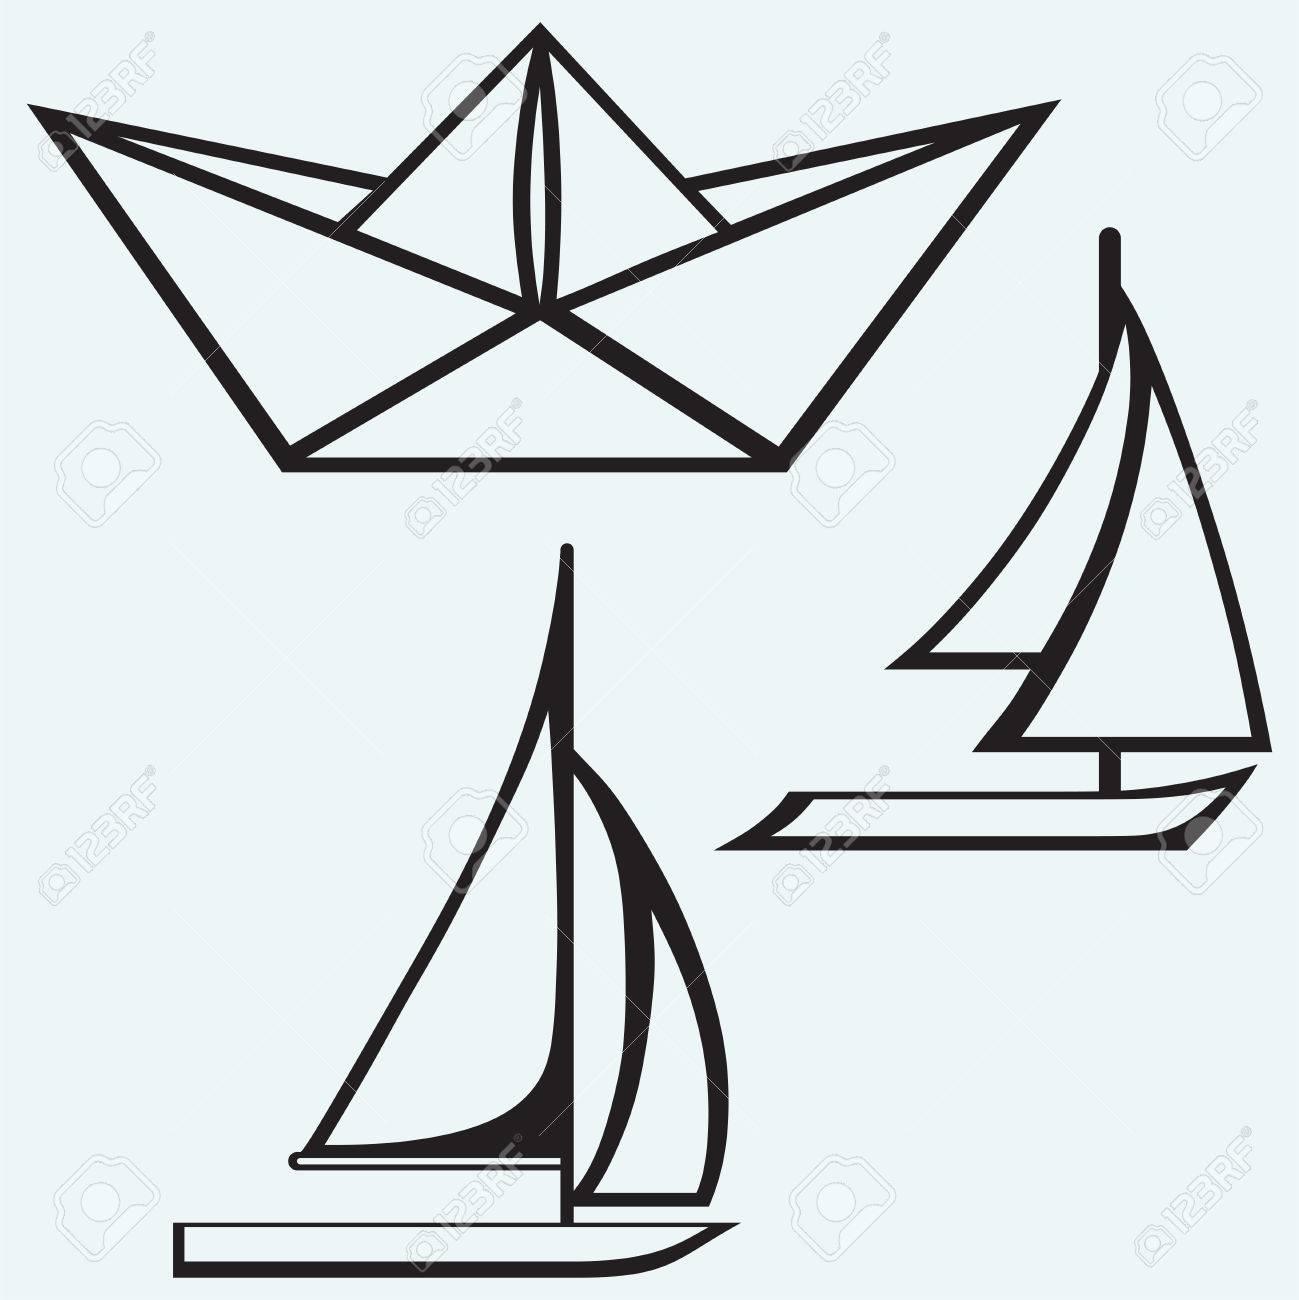 Origami Bateau De Papier Et Un Voilier De Voile Isole Sur Batskground Bleu Clip Art Libres De Droits Vecteurs Et Illustration Image 25944122